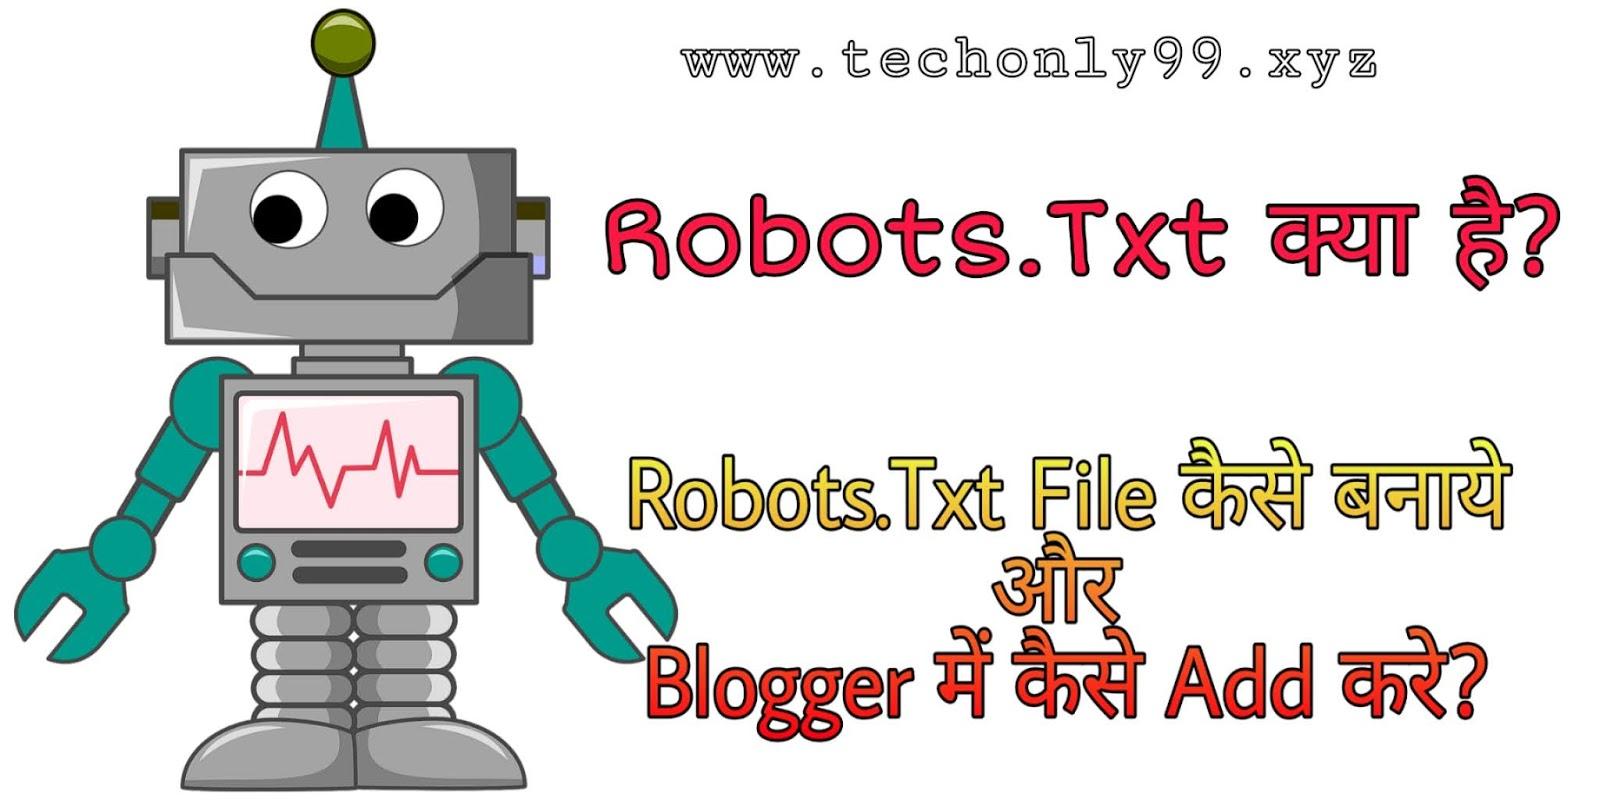 Robots.txt File क्या है? और Robots.txt File कैसे बनाये? पूरी जानकारी हिंदी में 2020